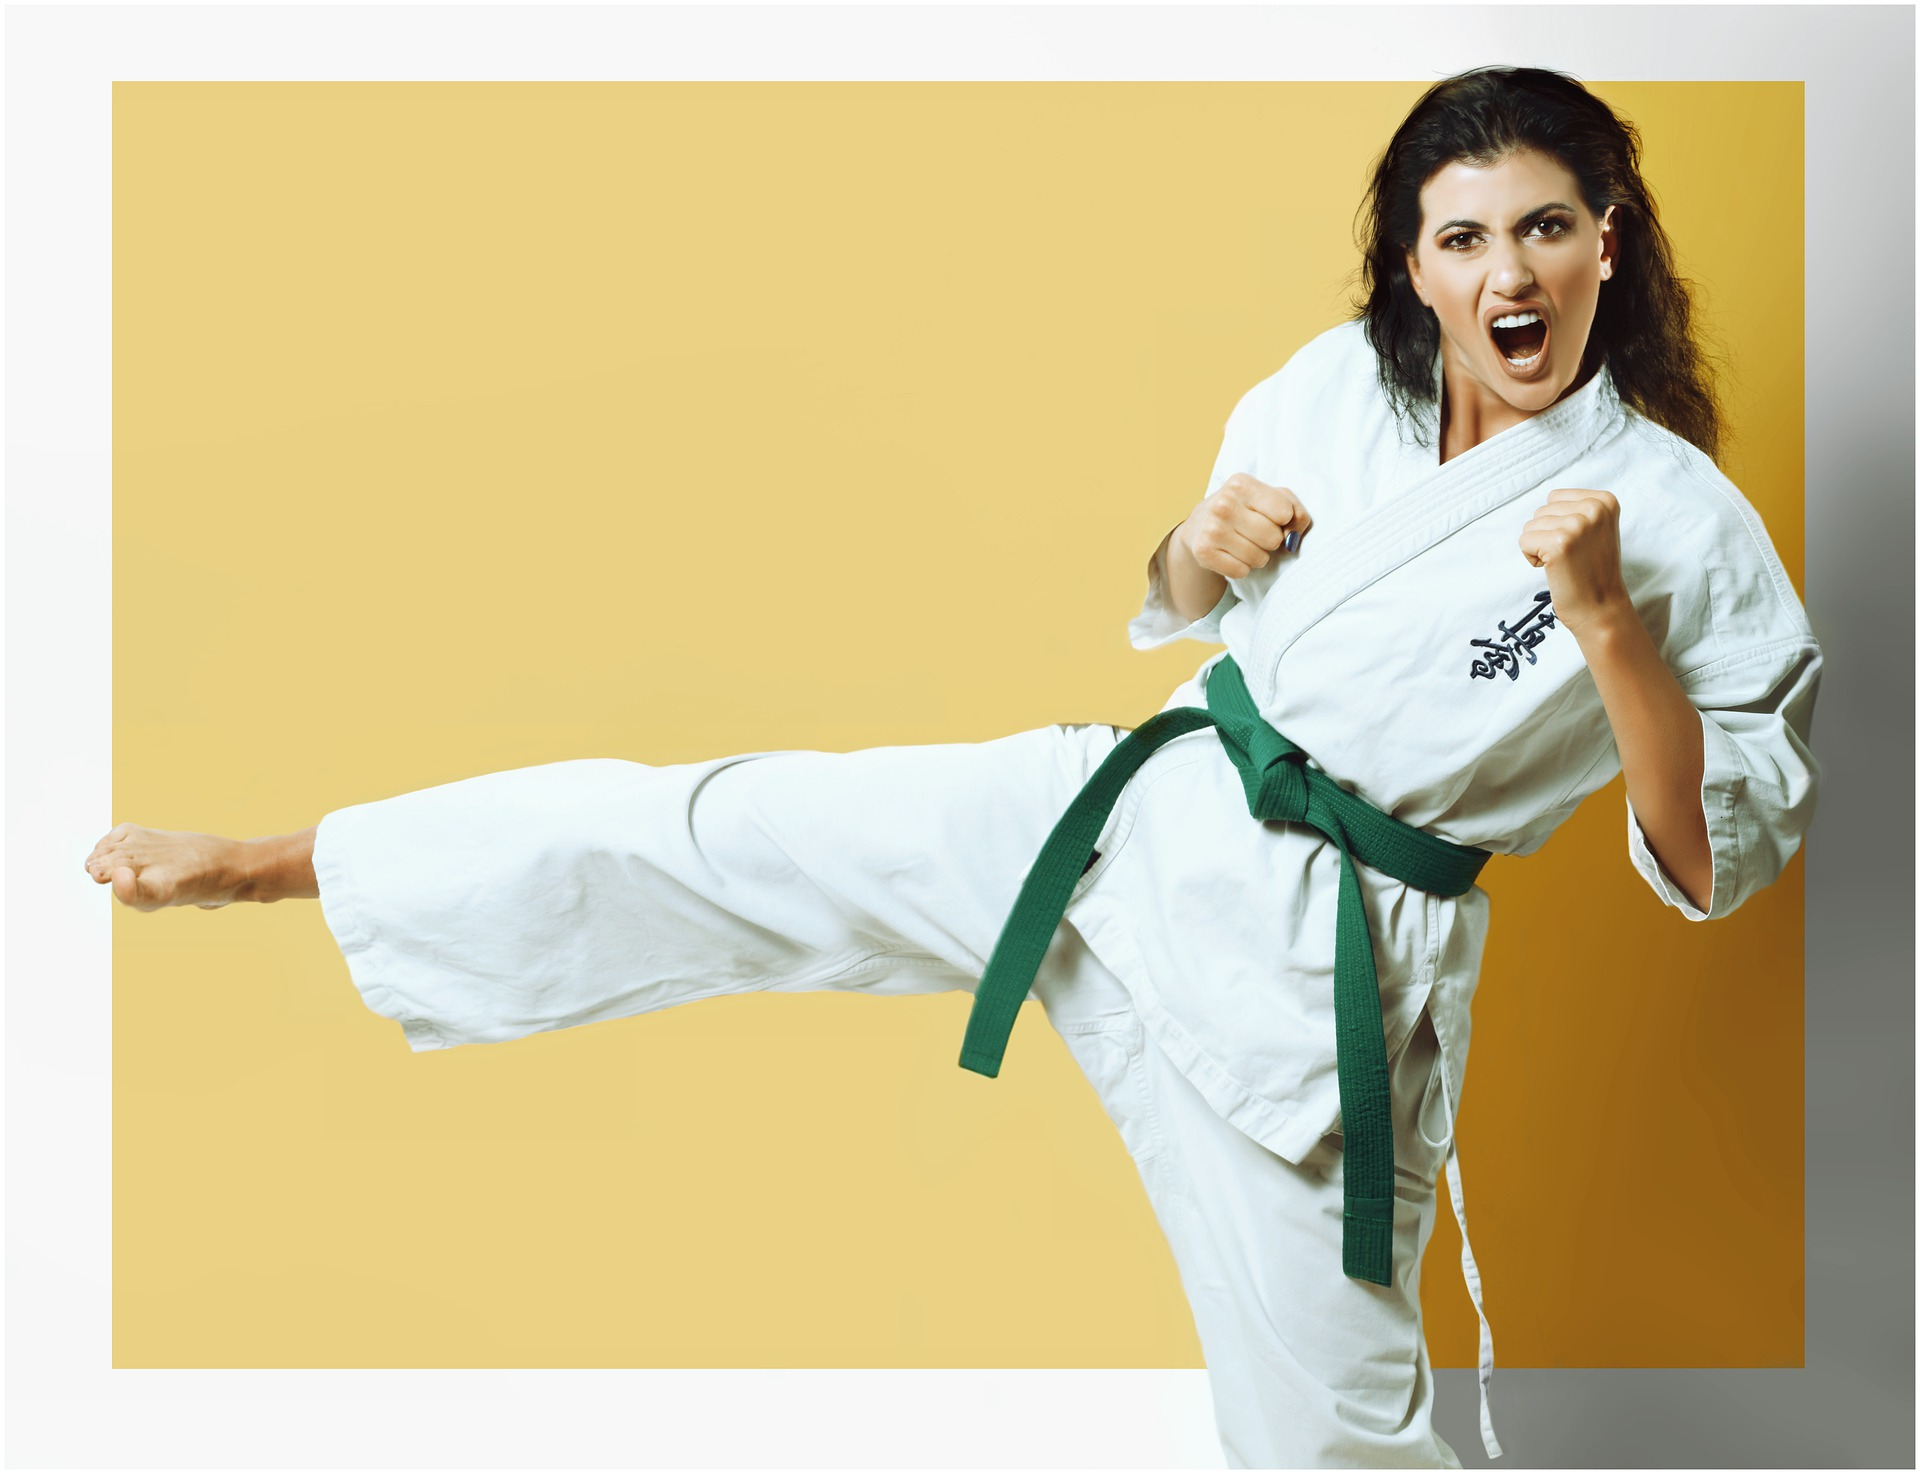 Imagem mostra uma mulher praticando karatê.